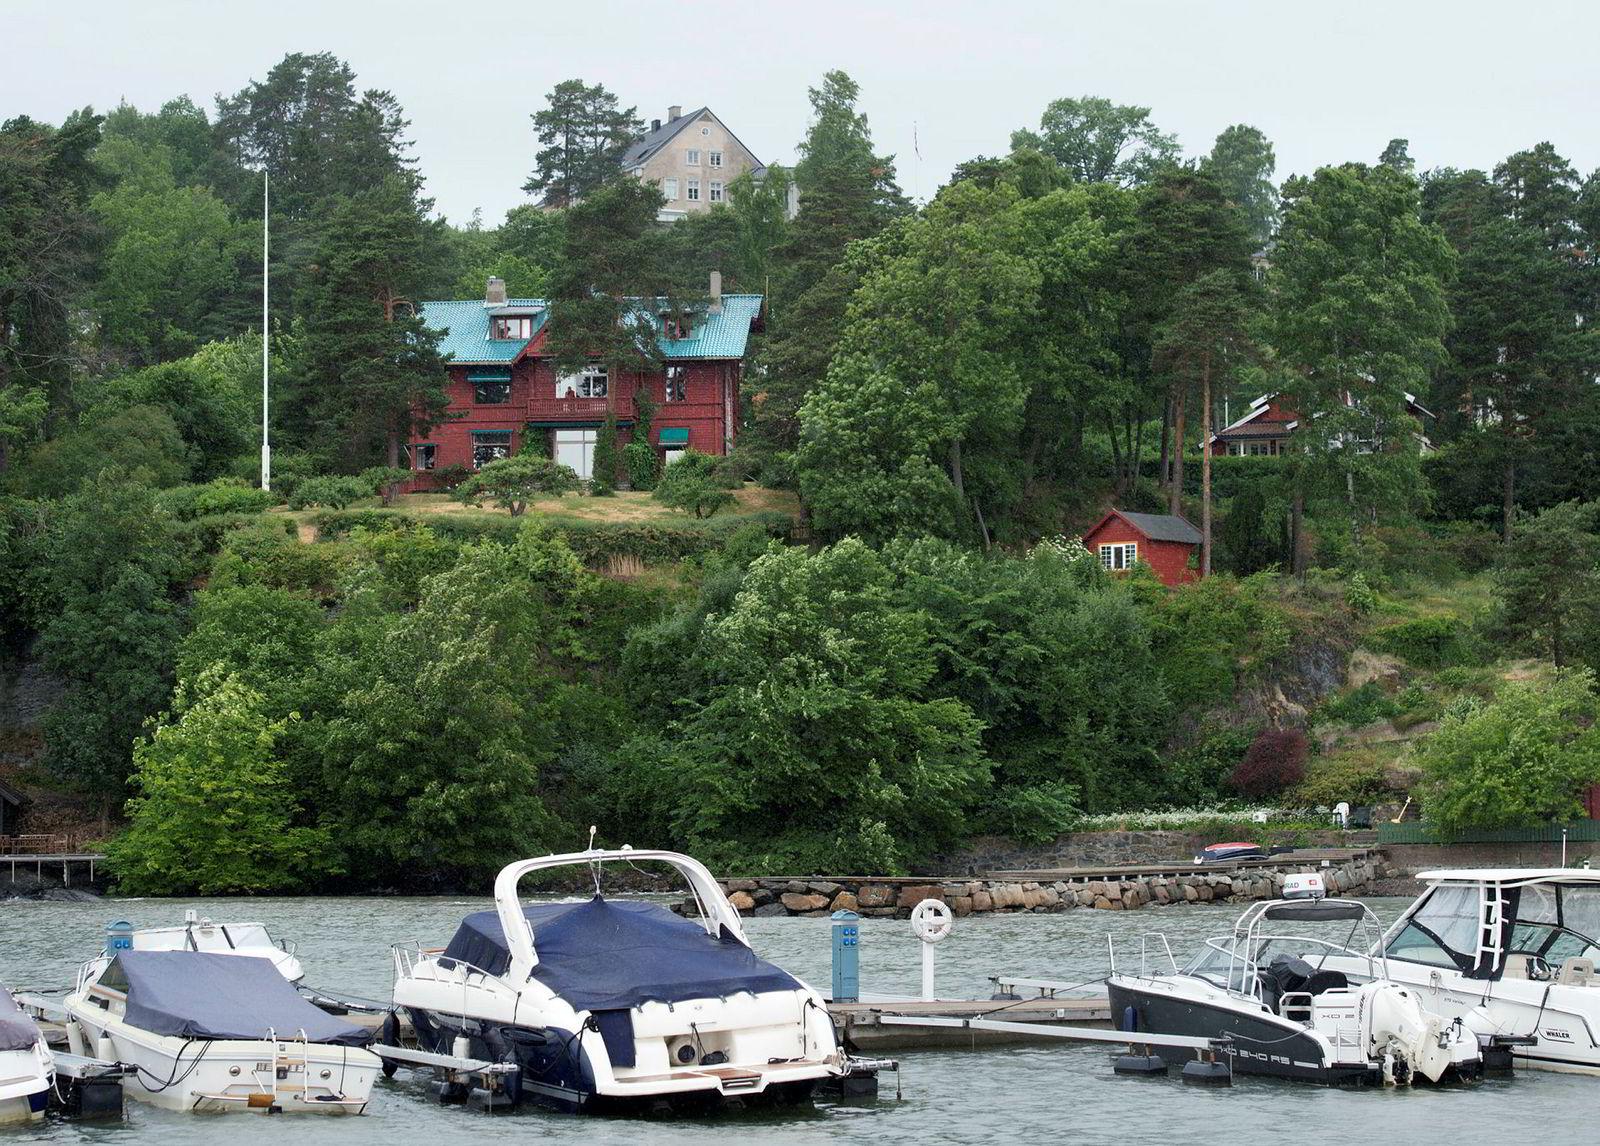 Strandveien 62 på Lysaker. Kjos-datter Anna Helene Kjos og mannnen kjøper eiendommen i Strandveien 62.